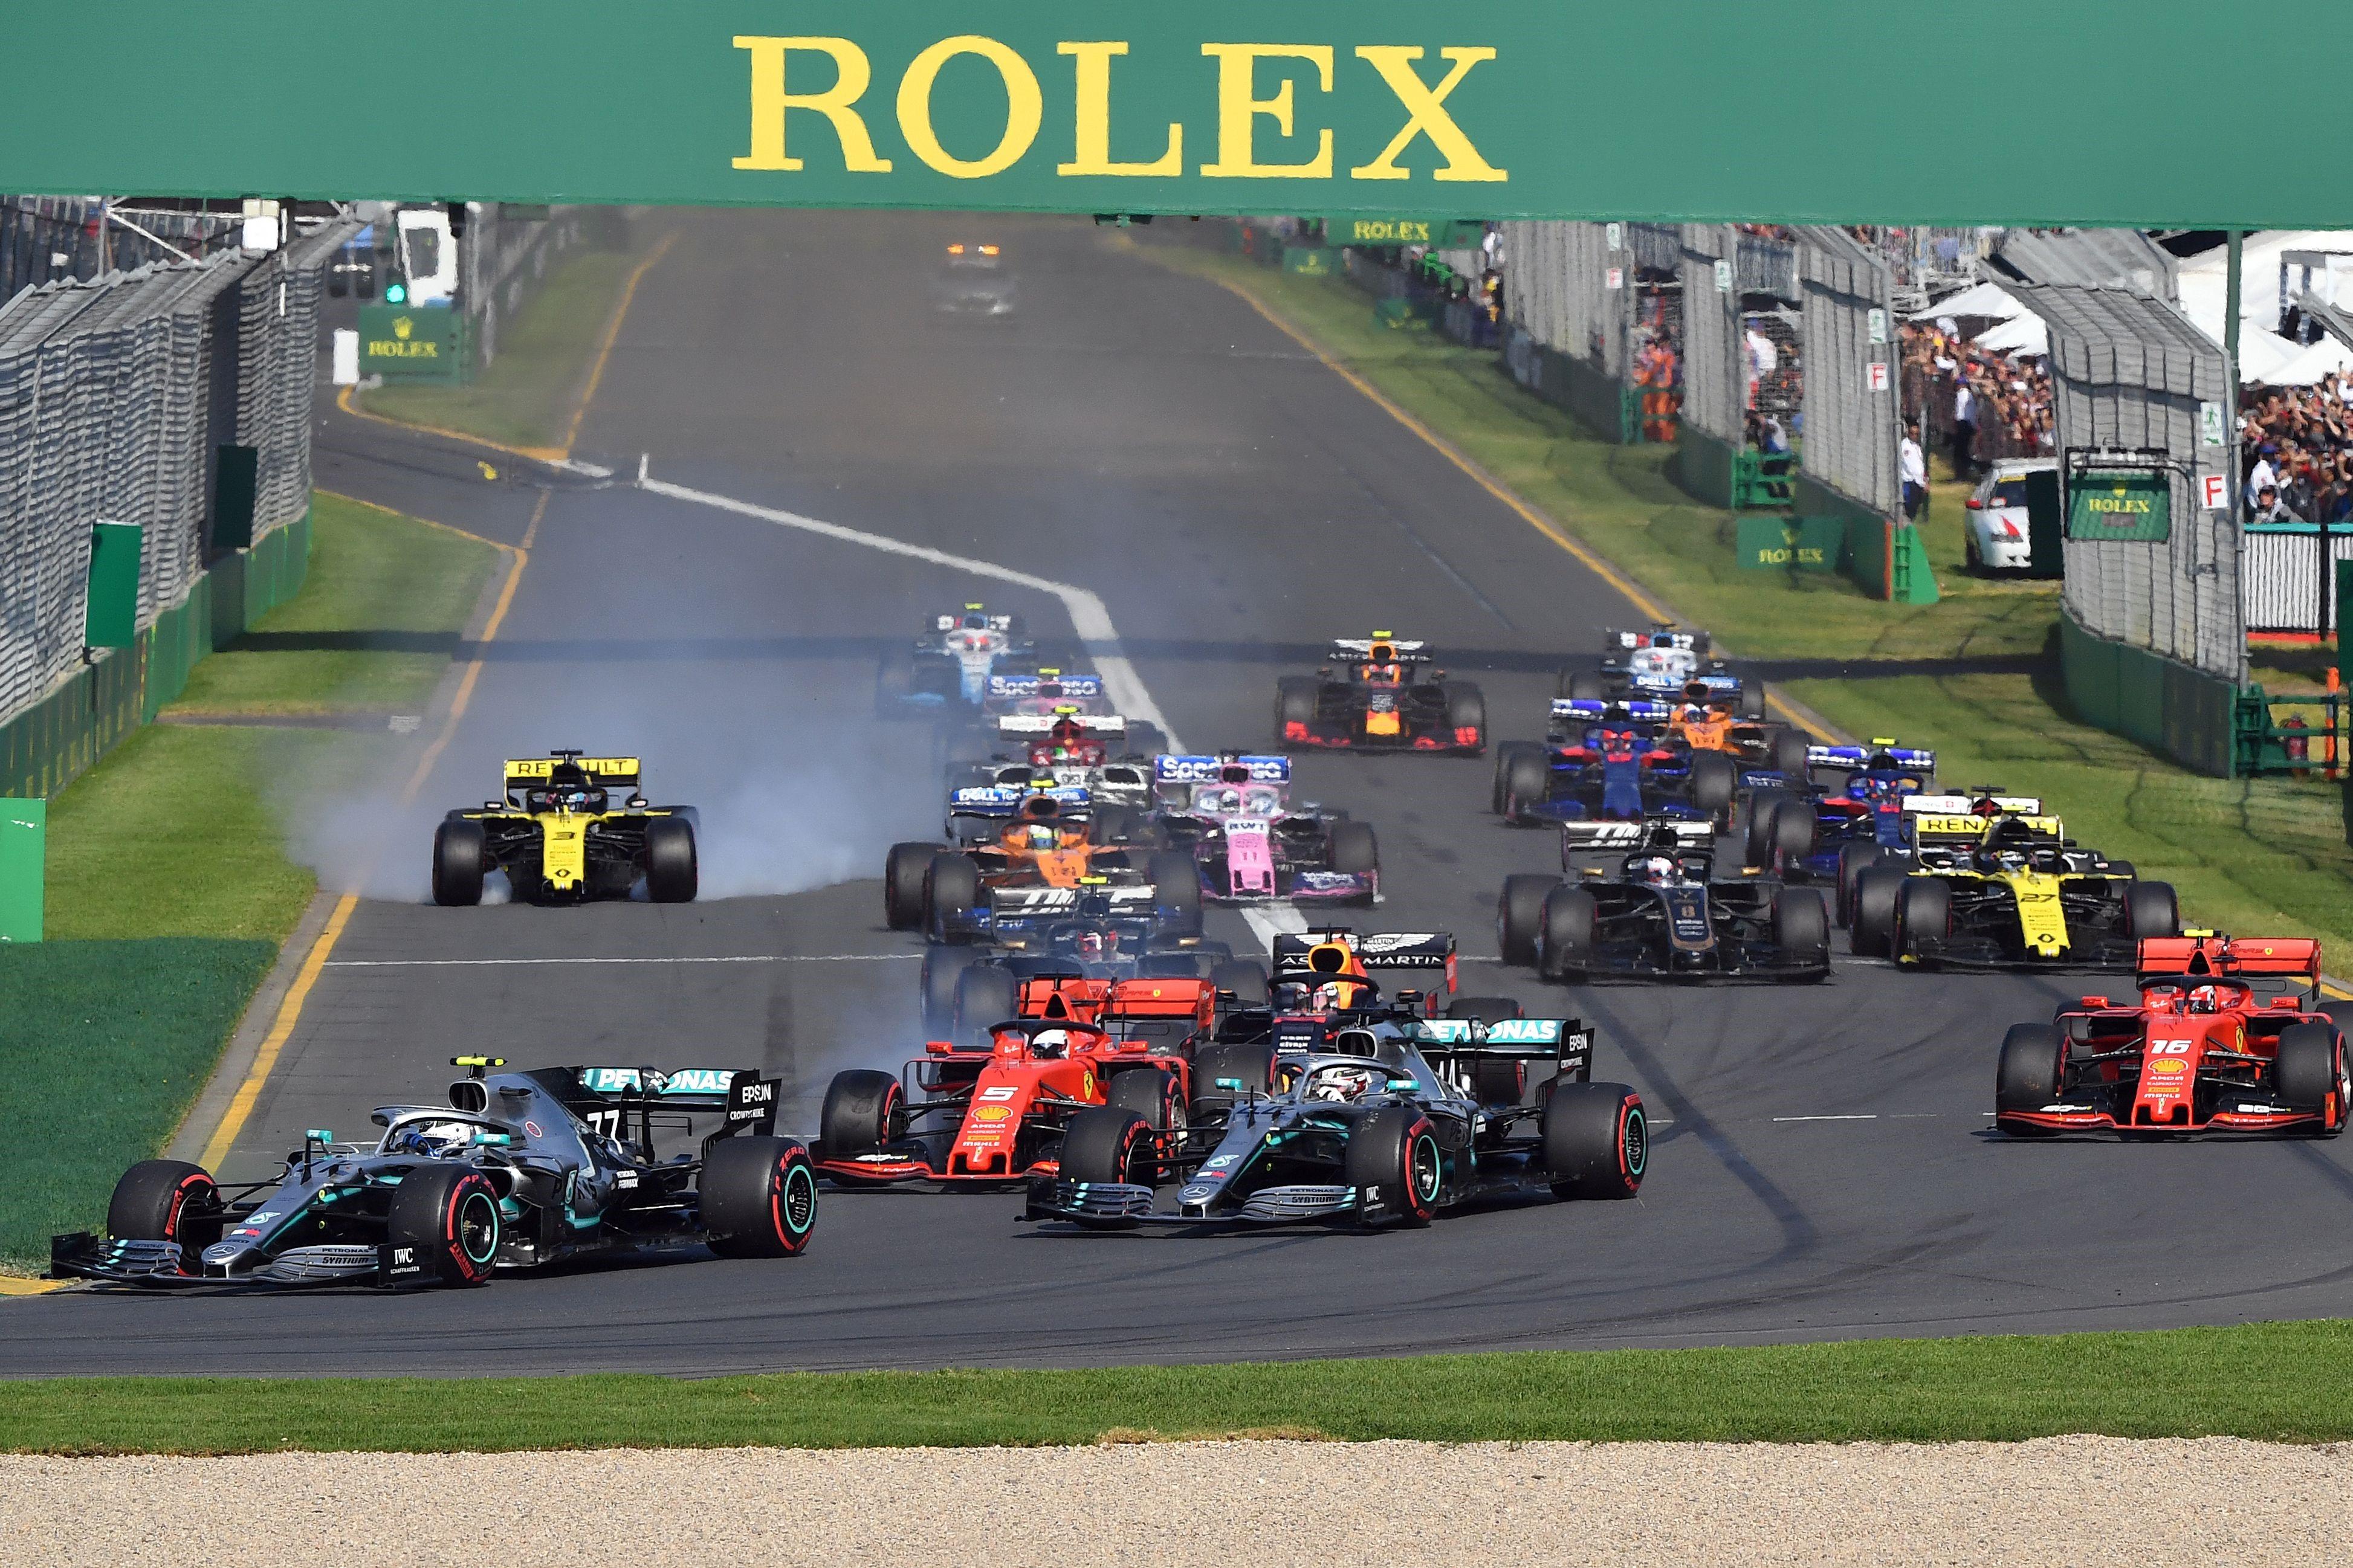 Melbourne garde le Grand Prix d'Australie jusqu'en 2025